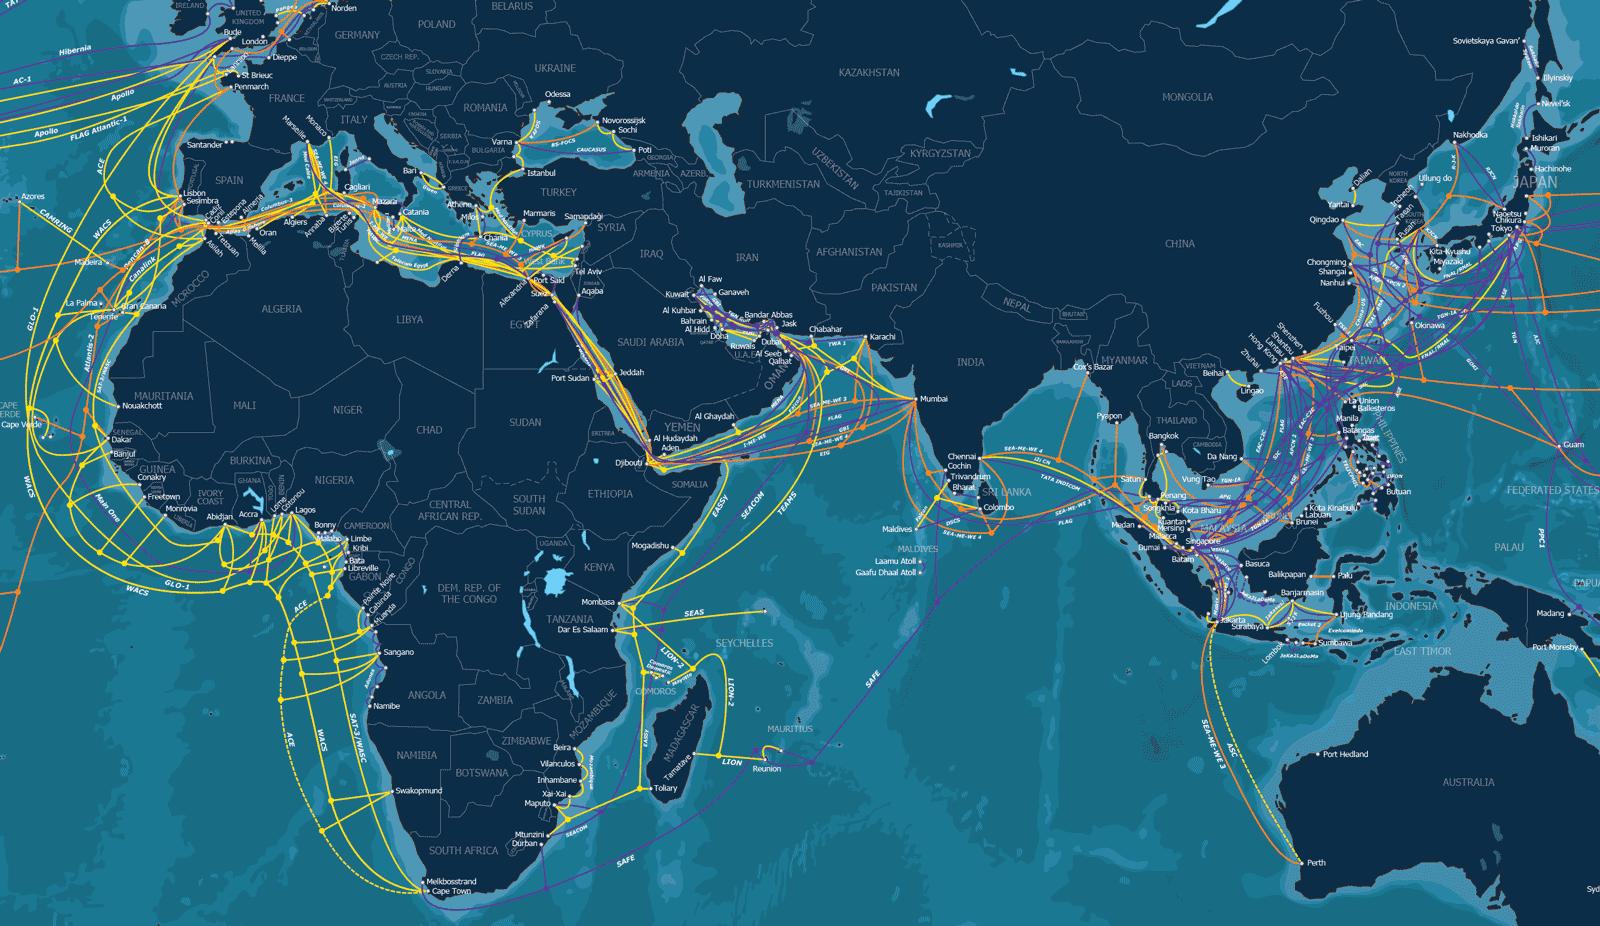 全球资讯_全球部分海底电缆地图